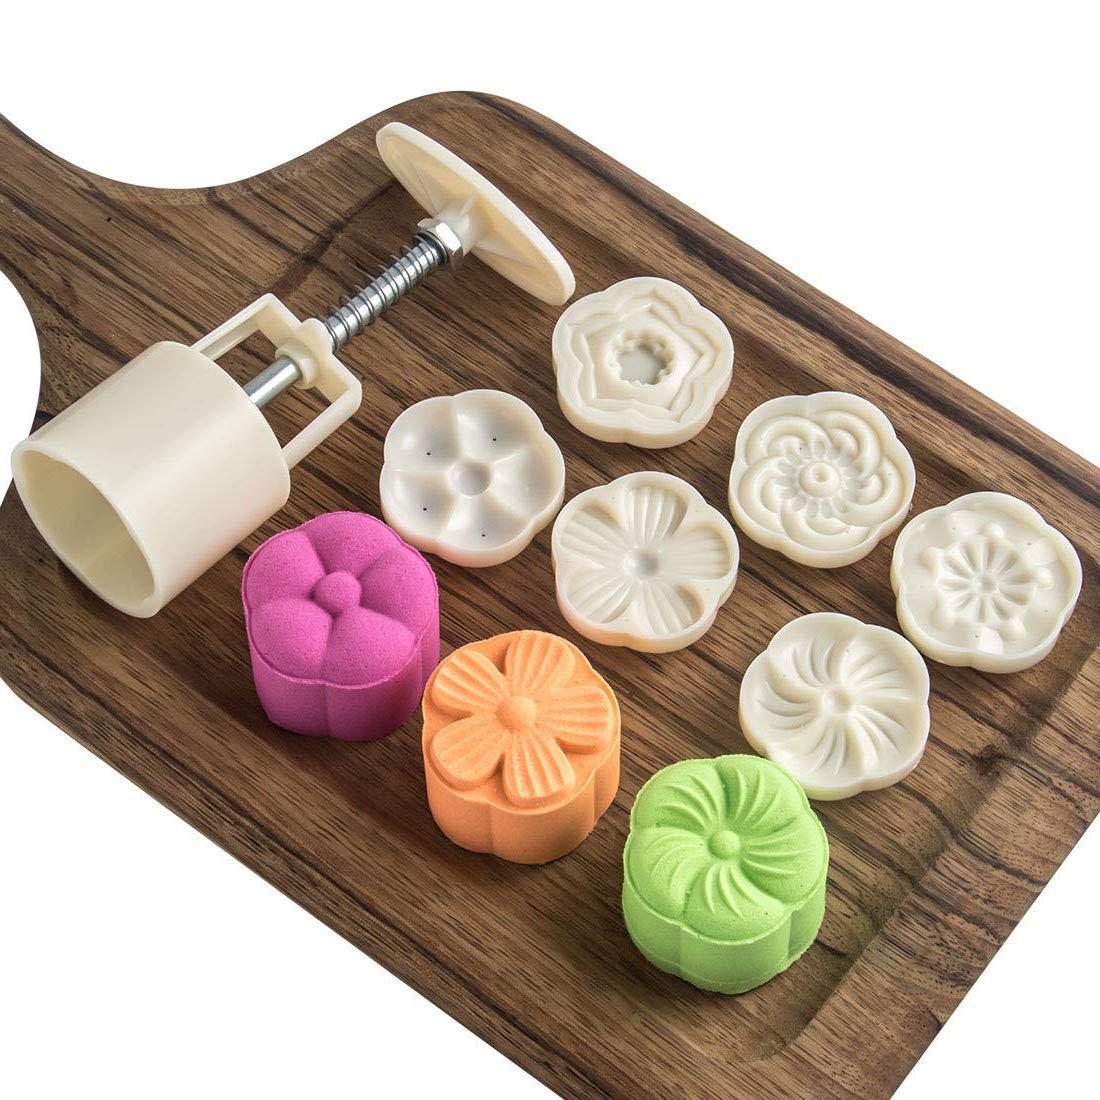 CN-Culture molde para tartas Sello para galletas 50 g dise/ño de luna prensa de galletas 6 unidades de moldes para tartas decoraci/ón de oto/ño medio